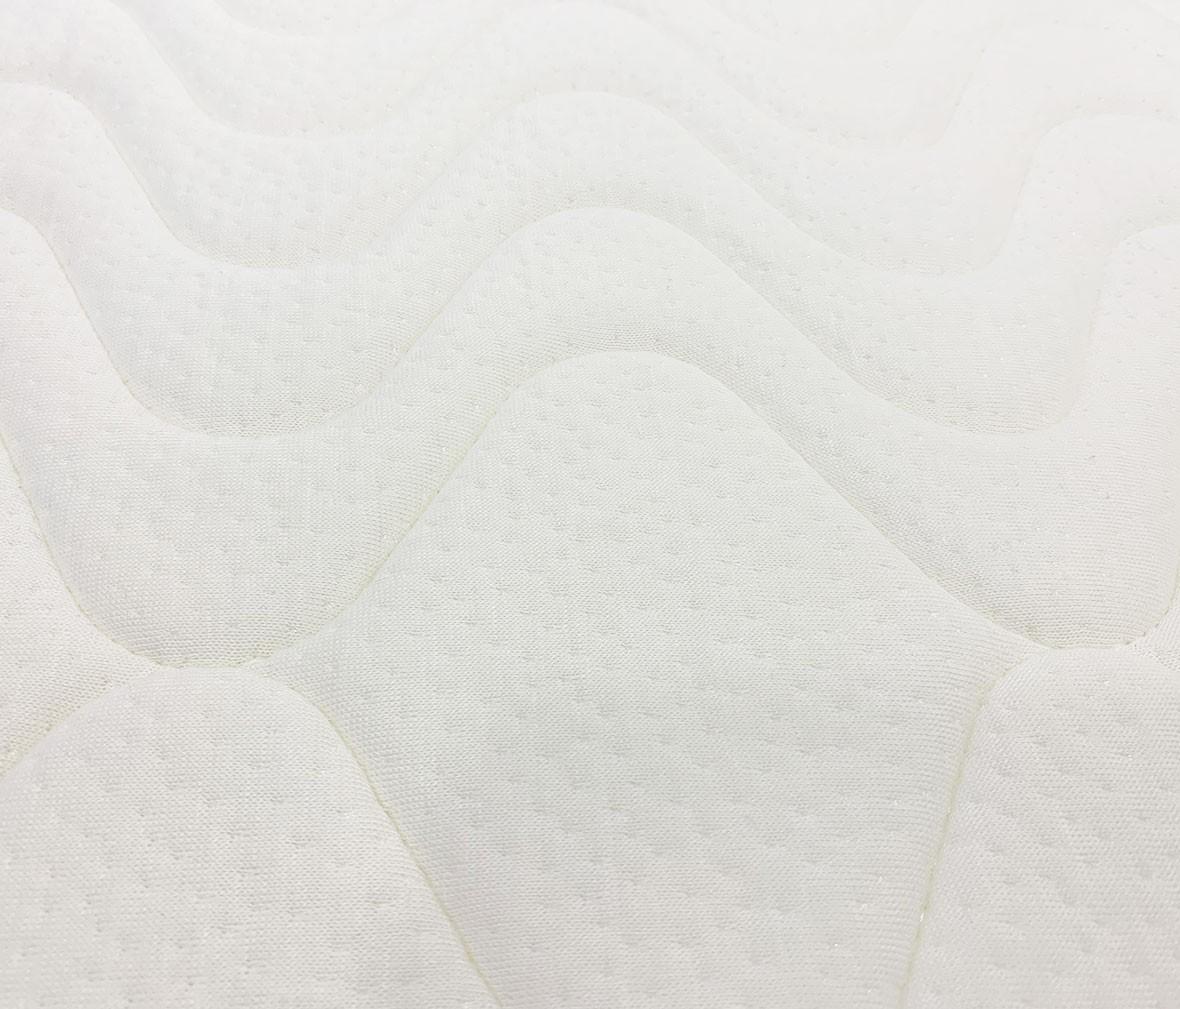 爱舒床垫 天然棕单人床垫 棕+乳胶材质儿童床垫图片、价格、品牌、评测样样齐全!【蓝景商城正品行货,蓝景丽家大钟寺家居广场提货,北京地区配送,领券更优惠,线上线下同品同价,立即购买享受更多优惠哦!】